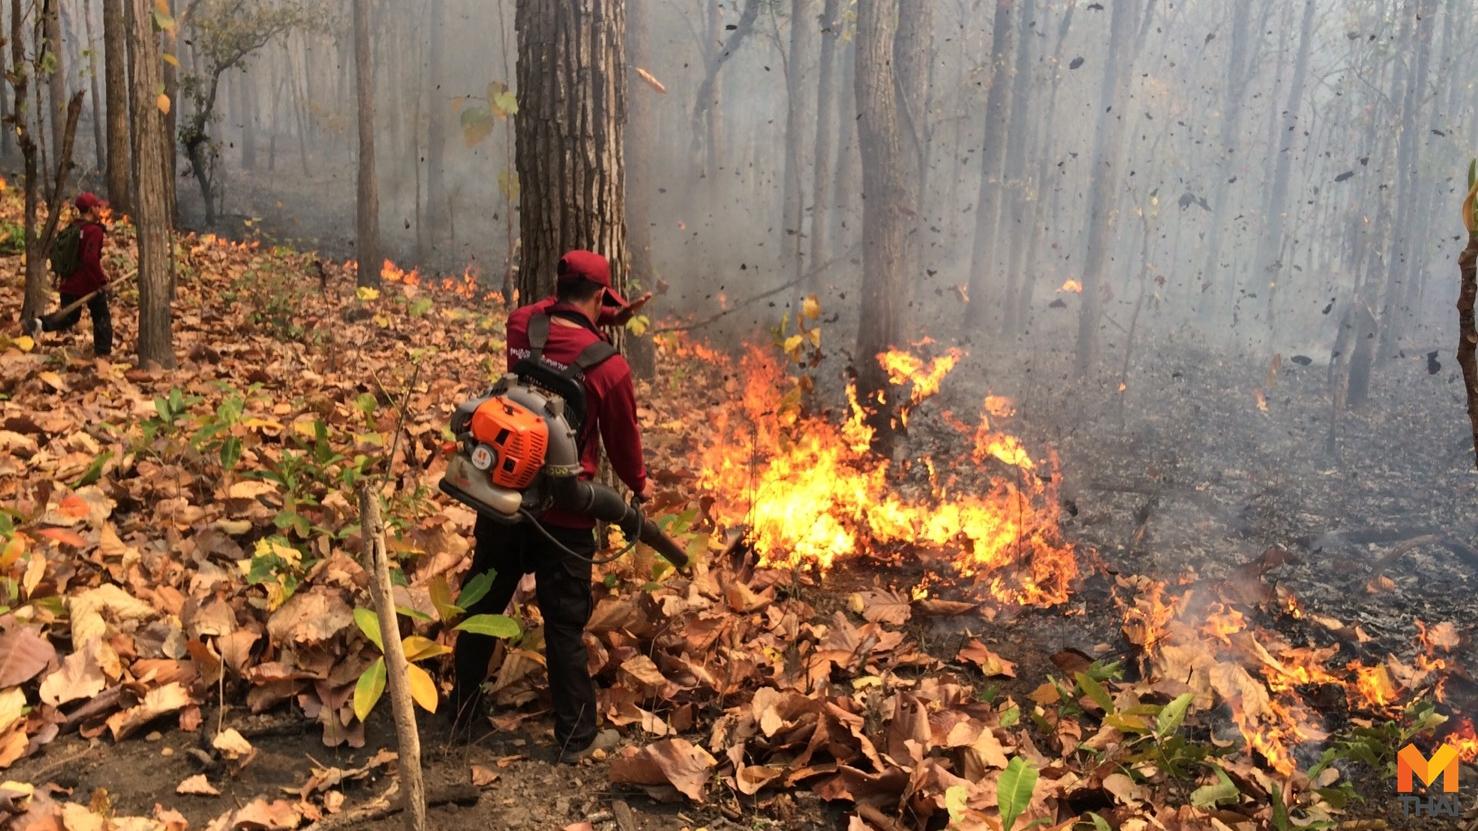 ข่าวภูมิภาค ฝุ่นละออง แม่ฮ่องสอน ไฟป่า ไฟไหม้